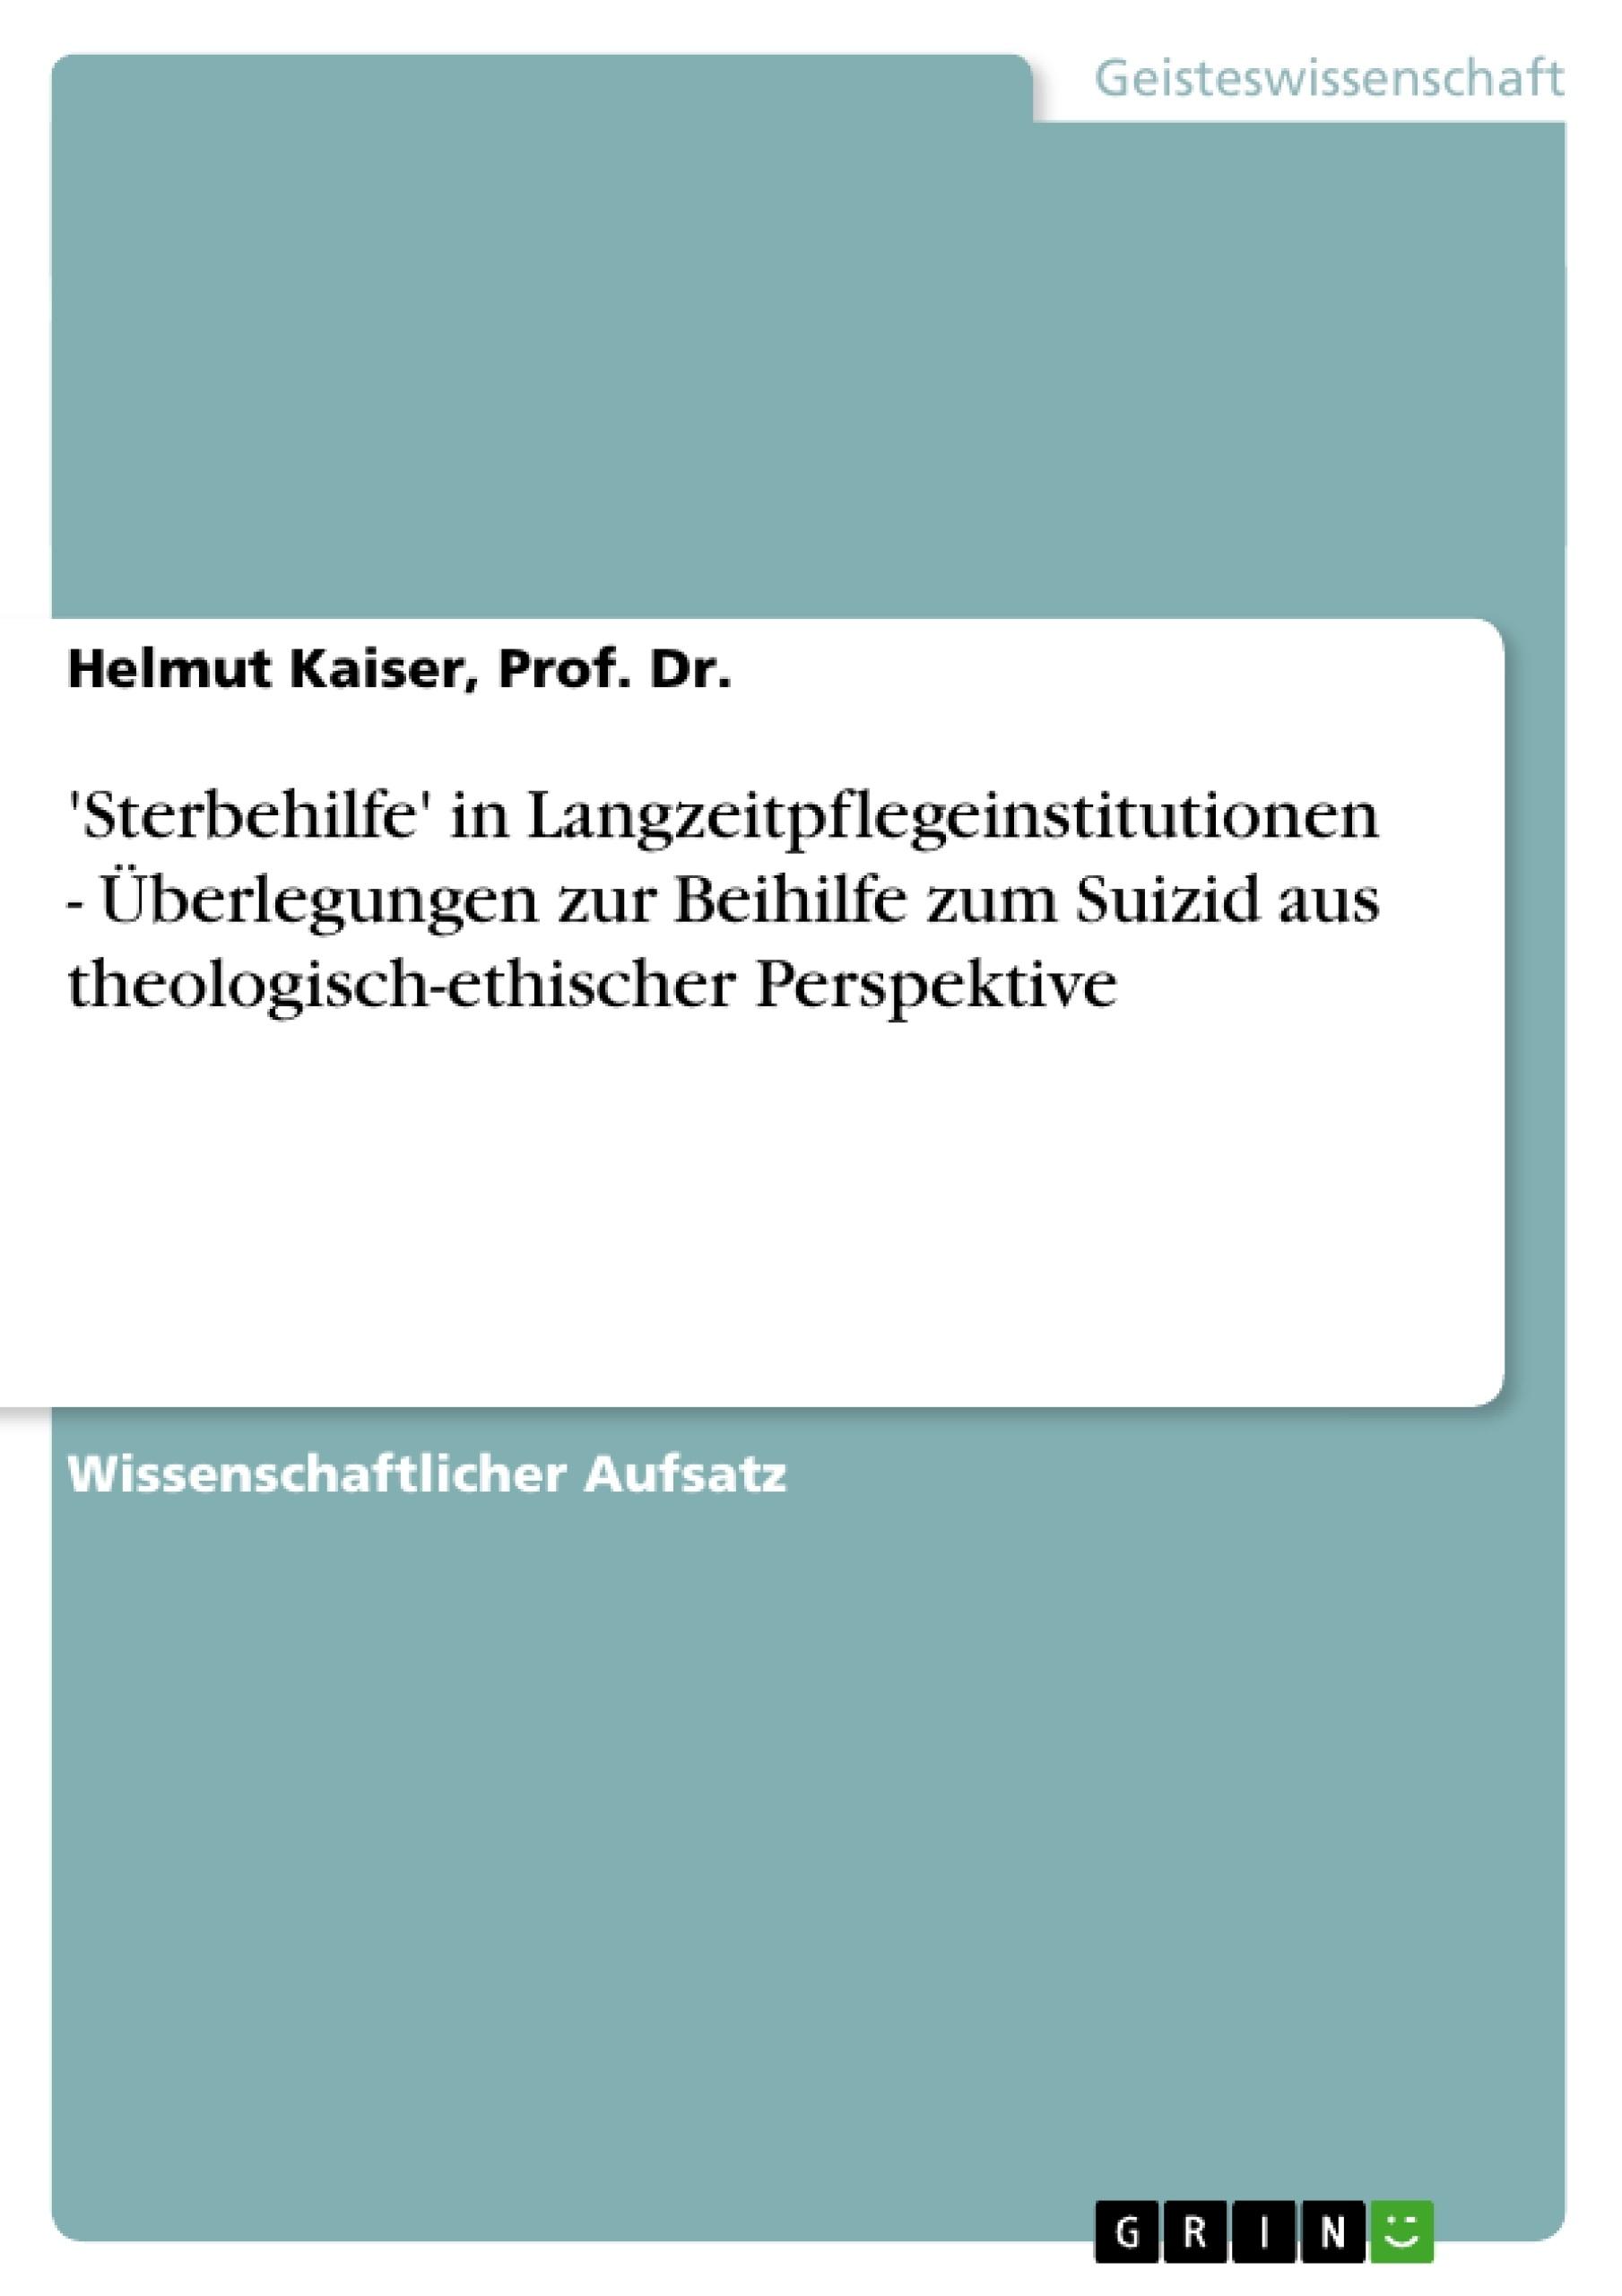 Titel: 'Sterbehilfe' in Langzeitpflegeinstitutionen - Überlegungen zur Beihilfe zum Suizid aus theologisch-ethischer Perspektive